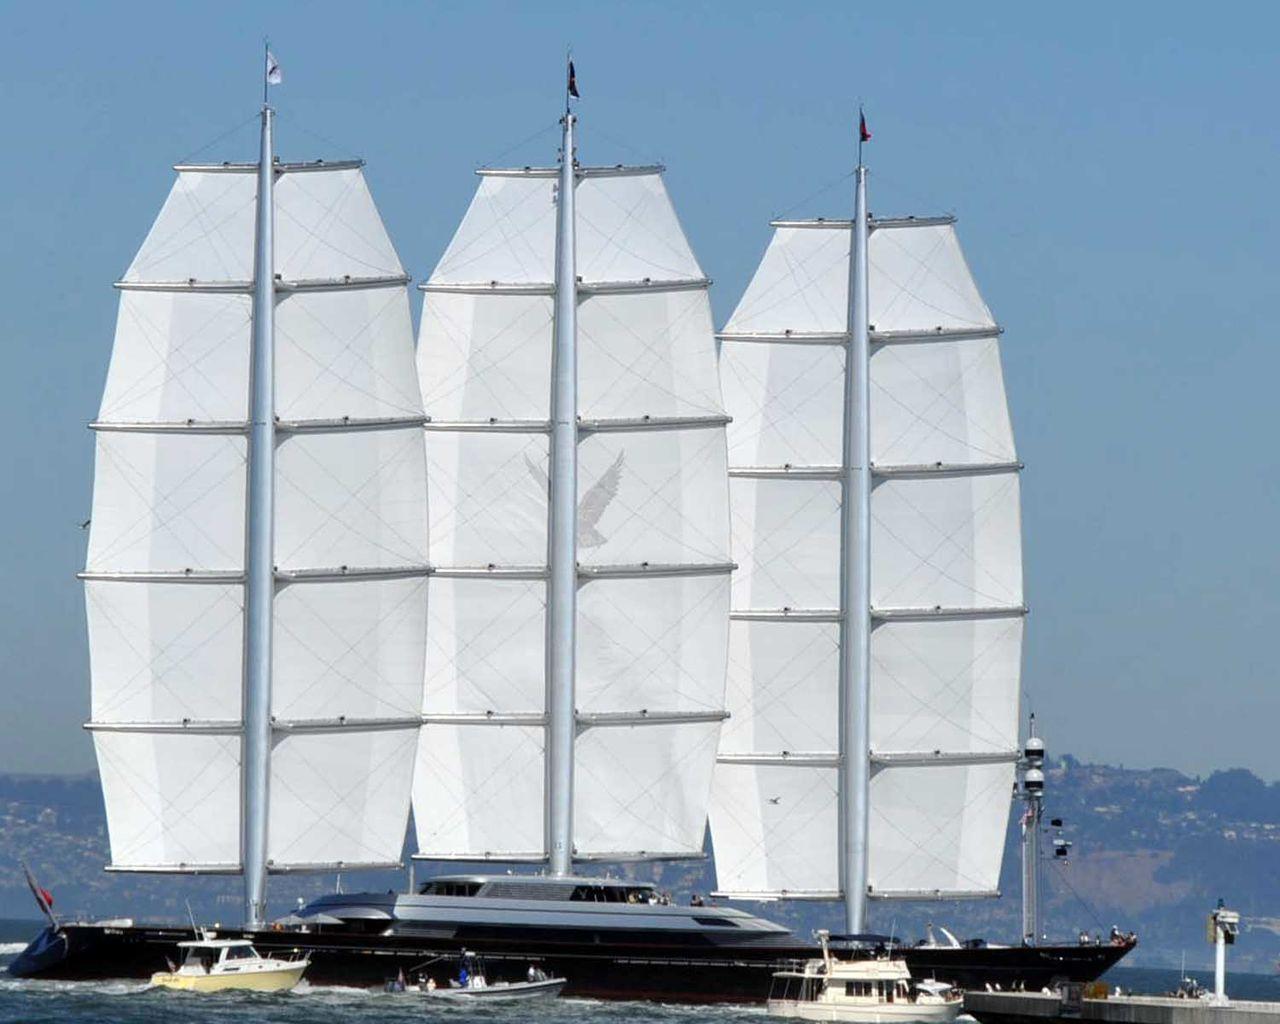 1280px-The_Maltese_Falcon_%282906785674%29.jpg